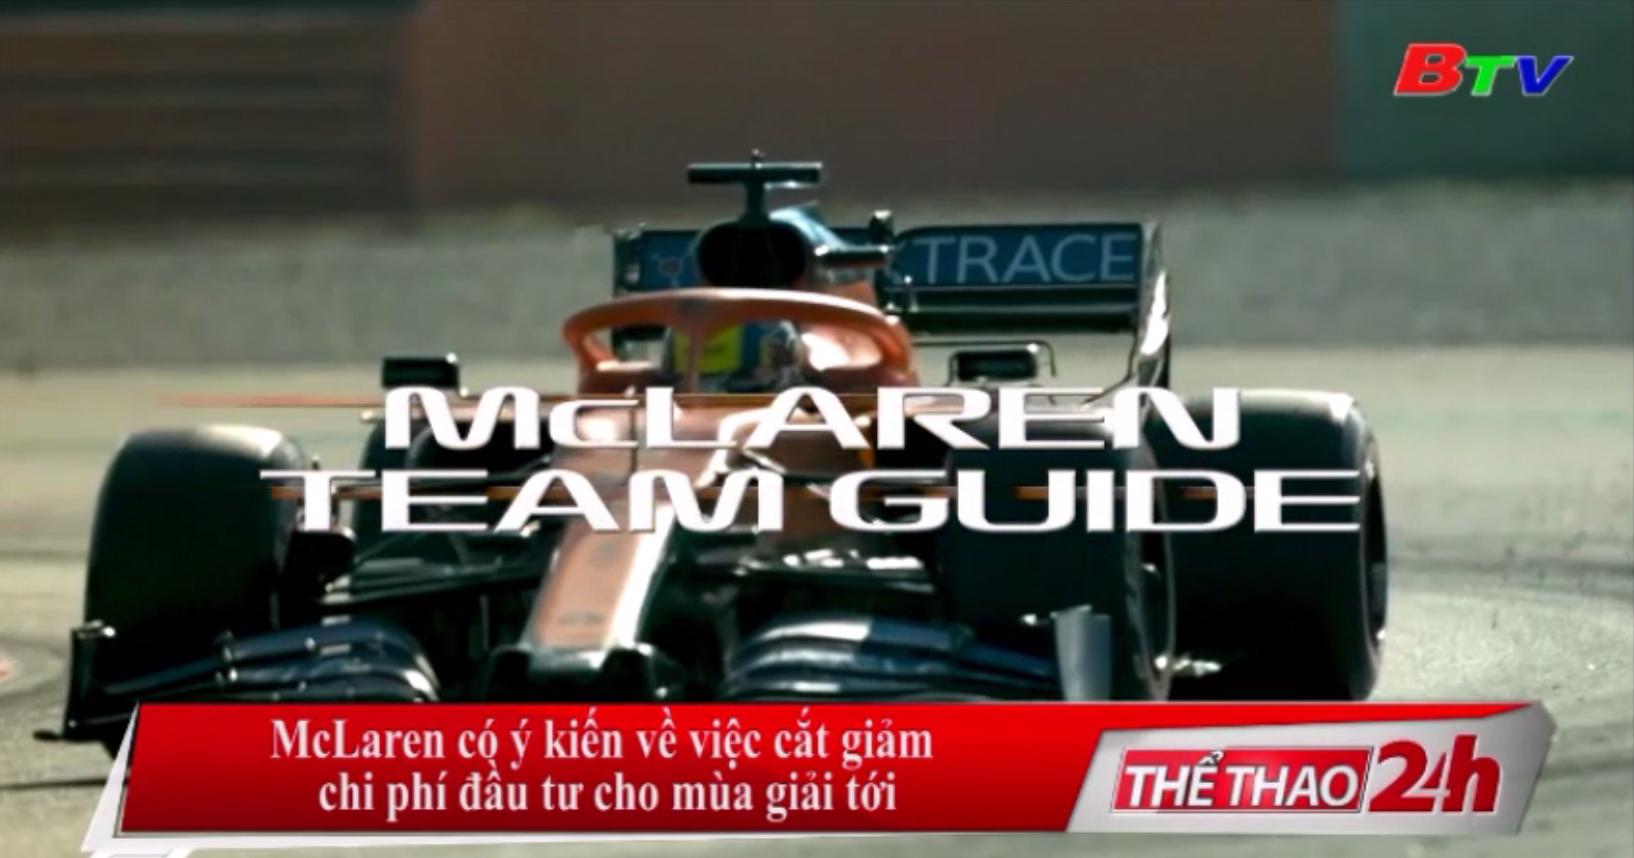 McLaren có ý kiến về việc cắt giảm chi phí đầu tư cho mùa giải tới